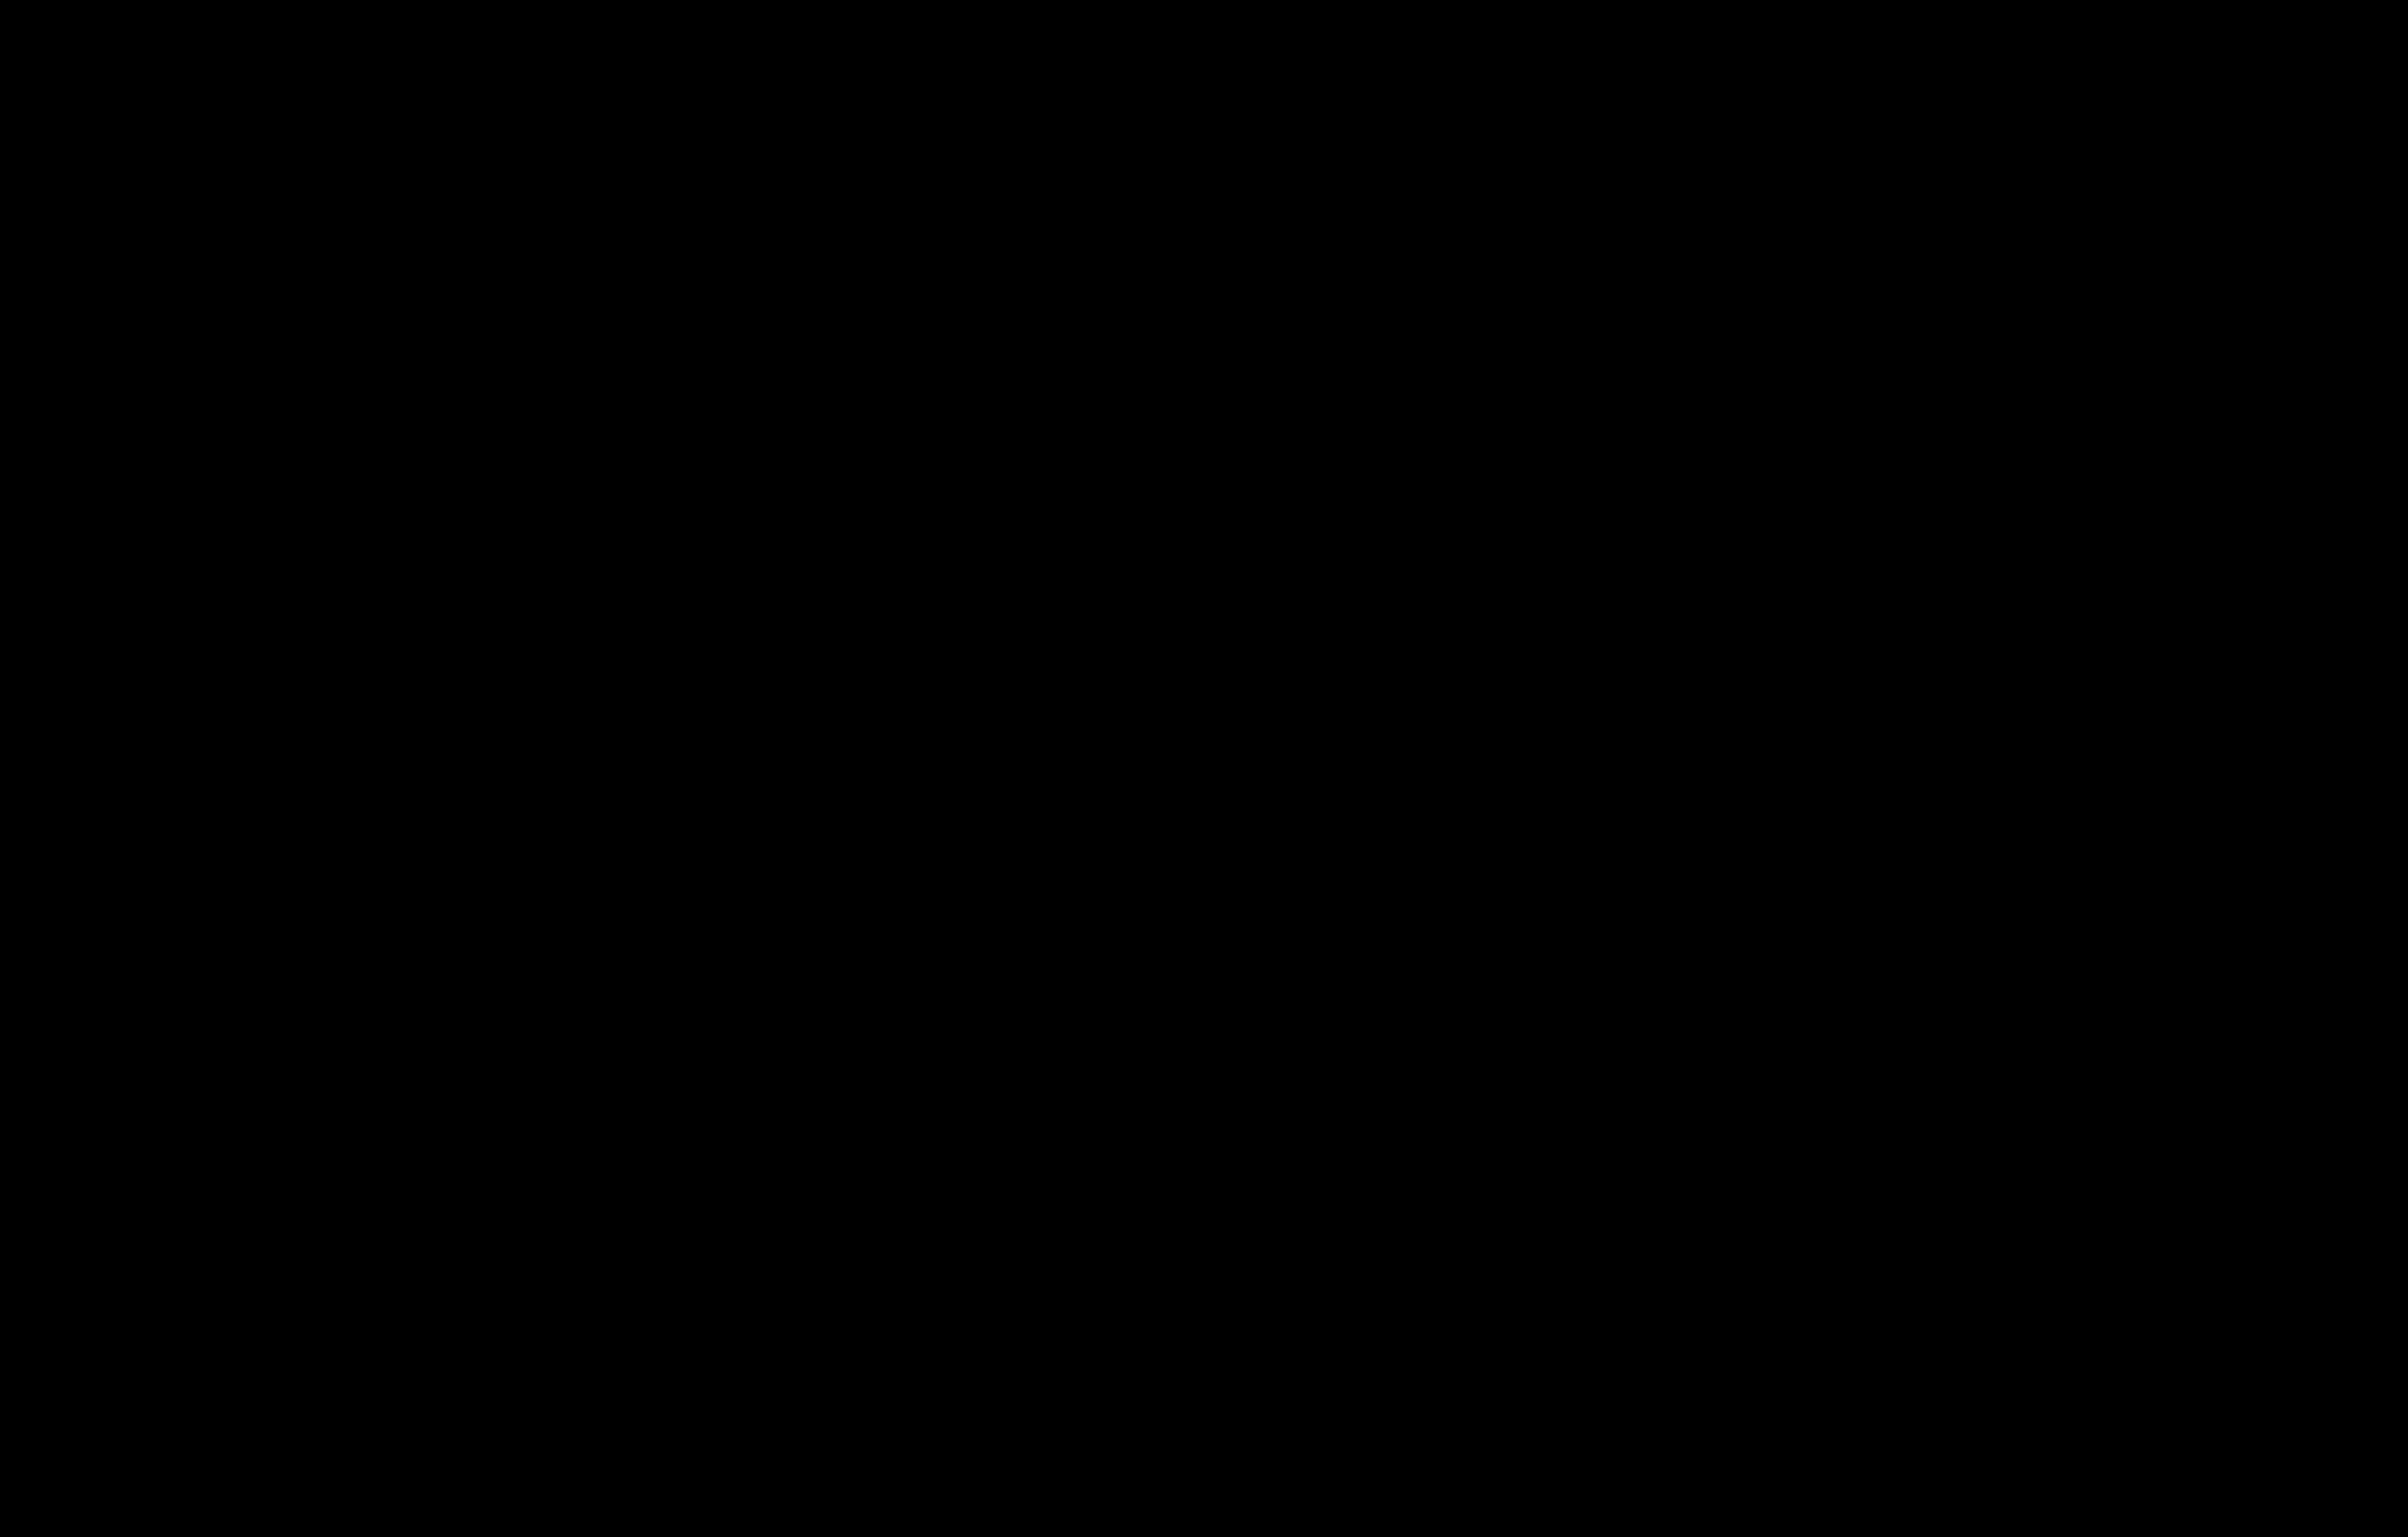 Chamonix Ski Map Chamonix Valley Ski Resorts Map, Grands Montets, la Flegere, Brevent